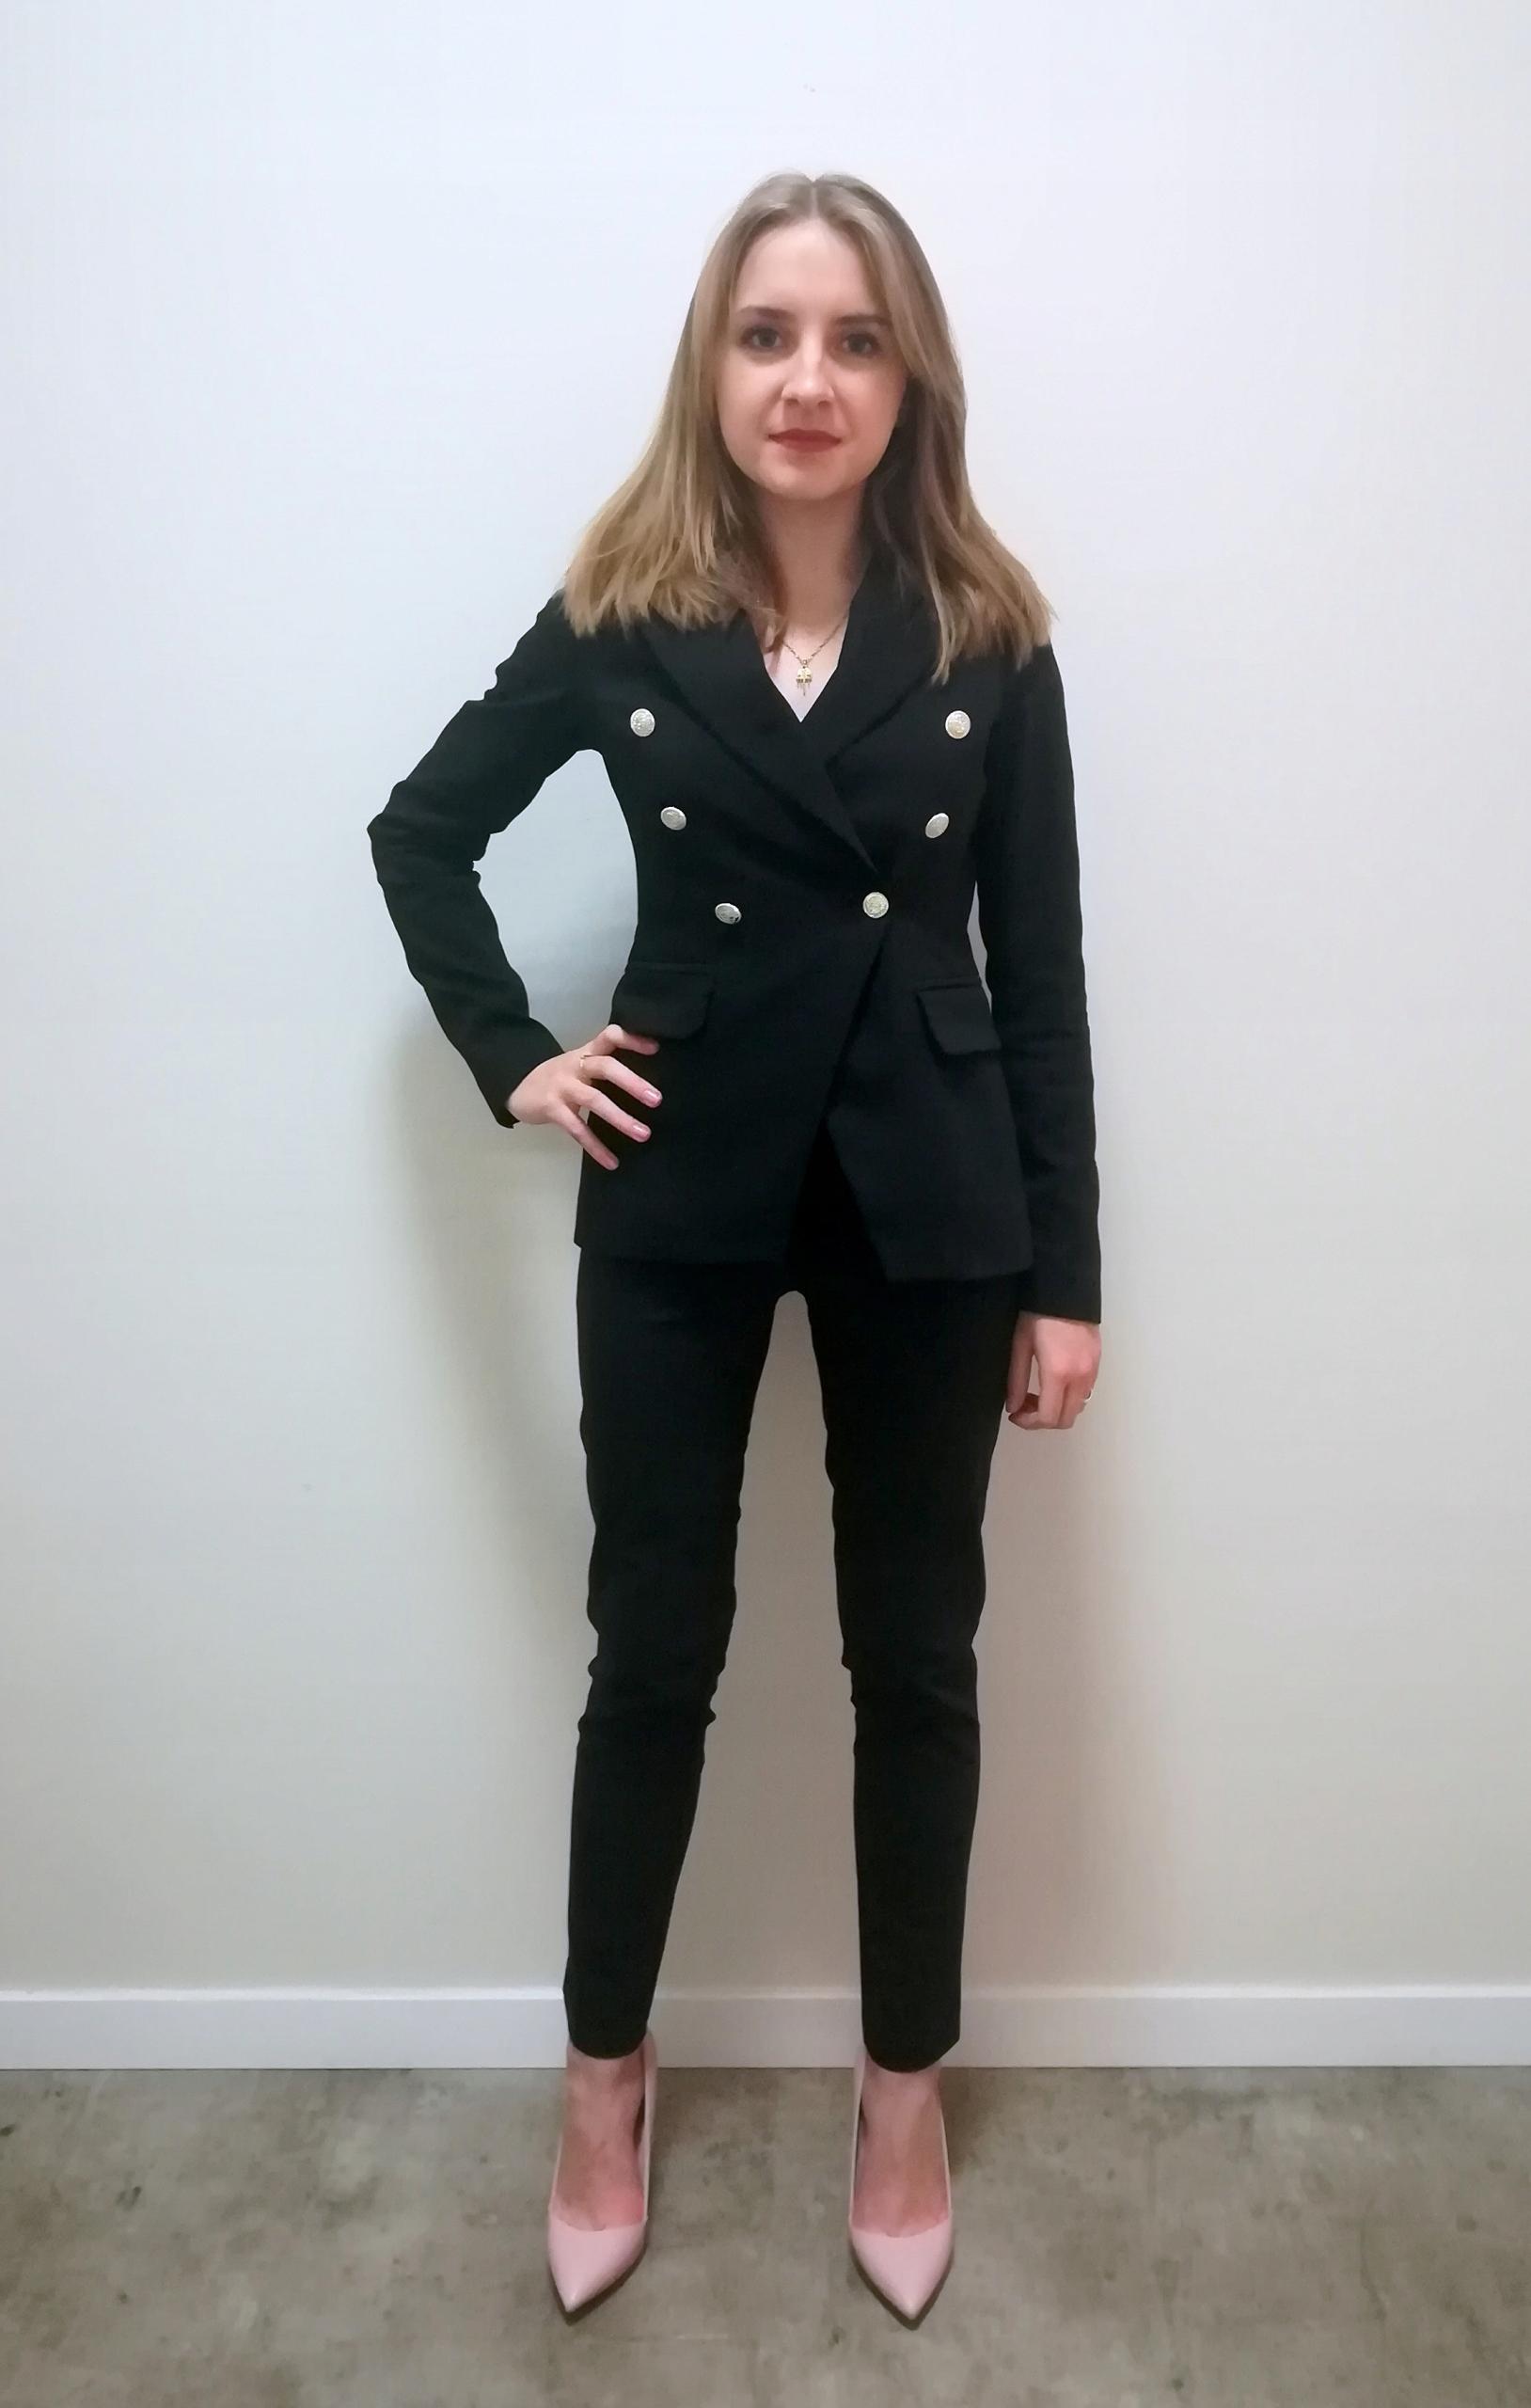 201c52c522f19b garnitury damskie w kategorii Odzież damska w Oficjalnym Archiwum Allegro -  archiwum ofert